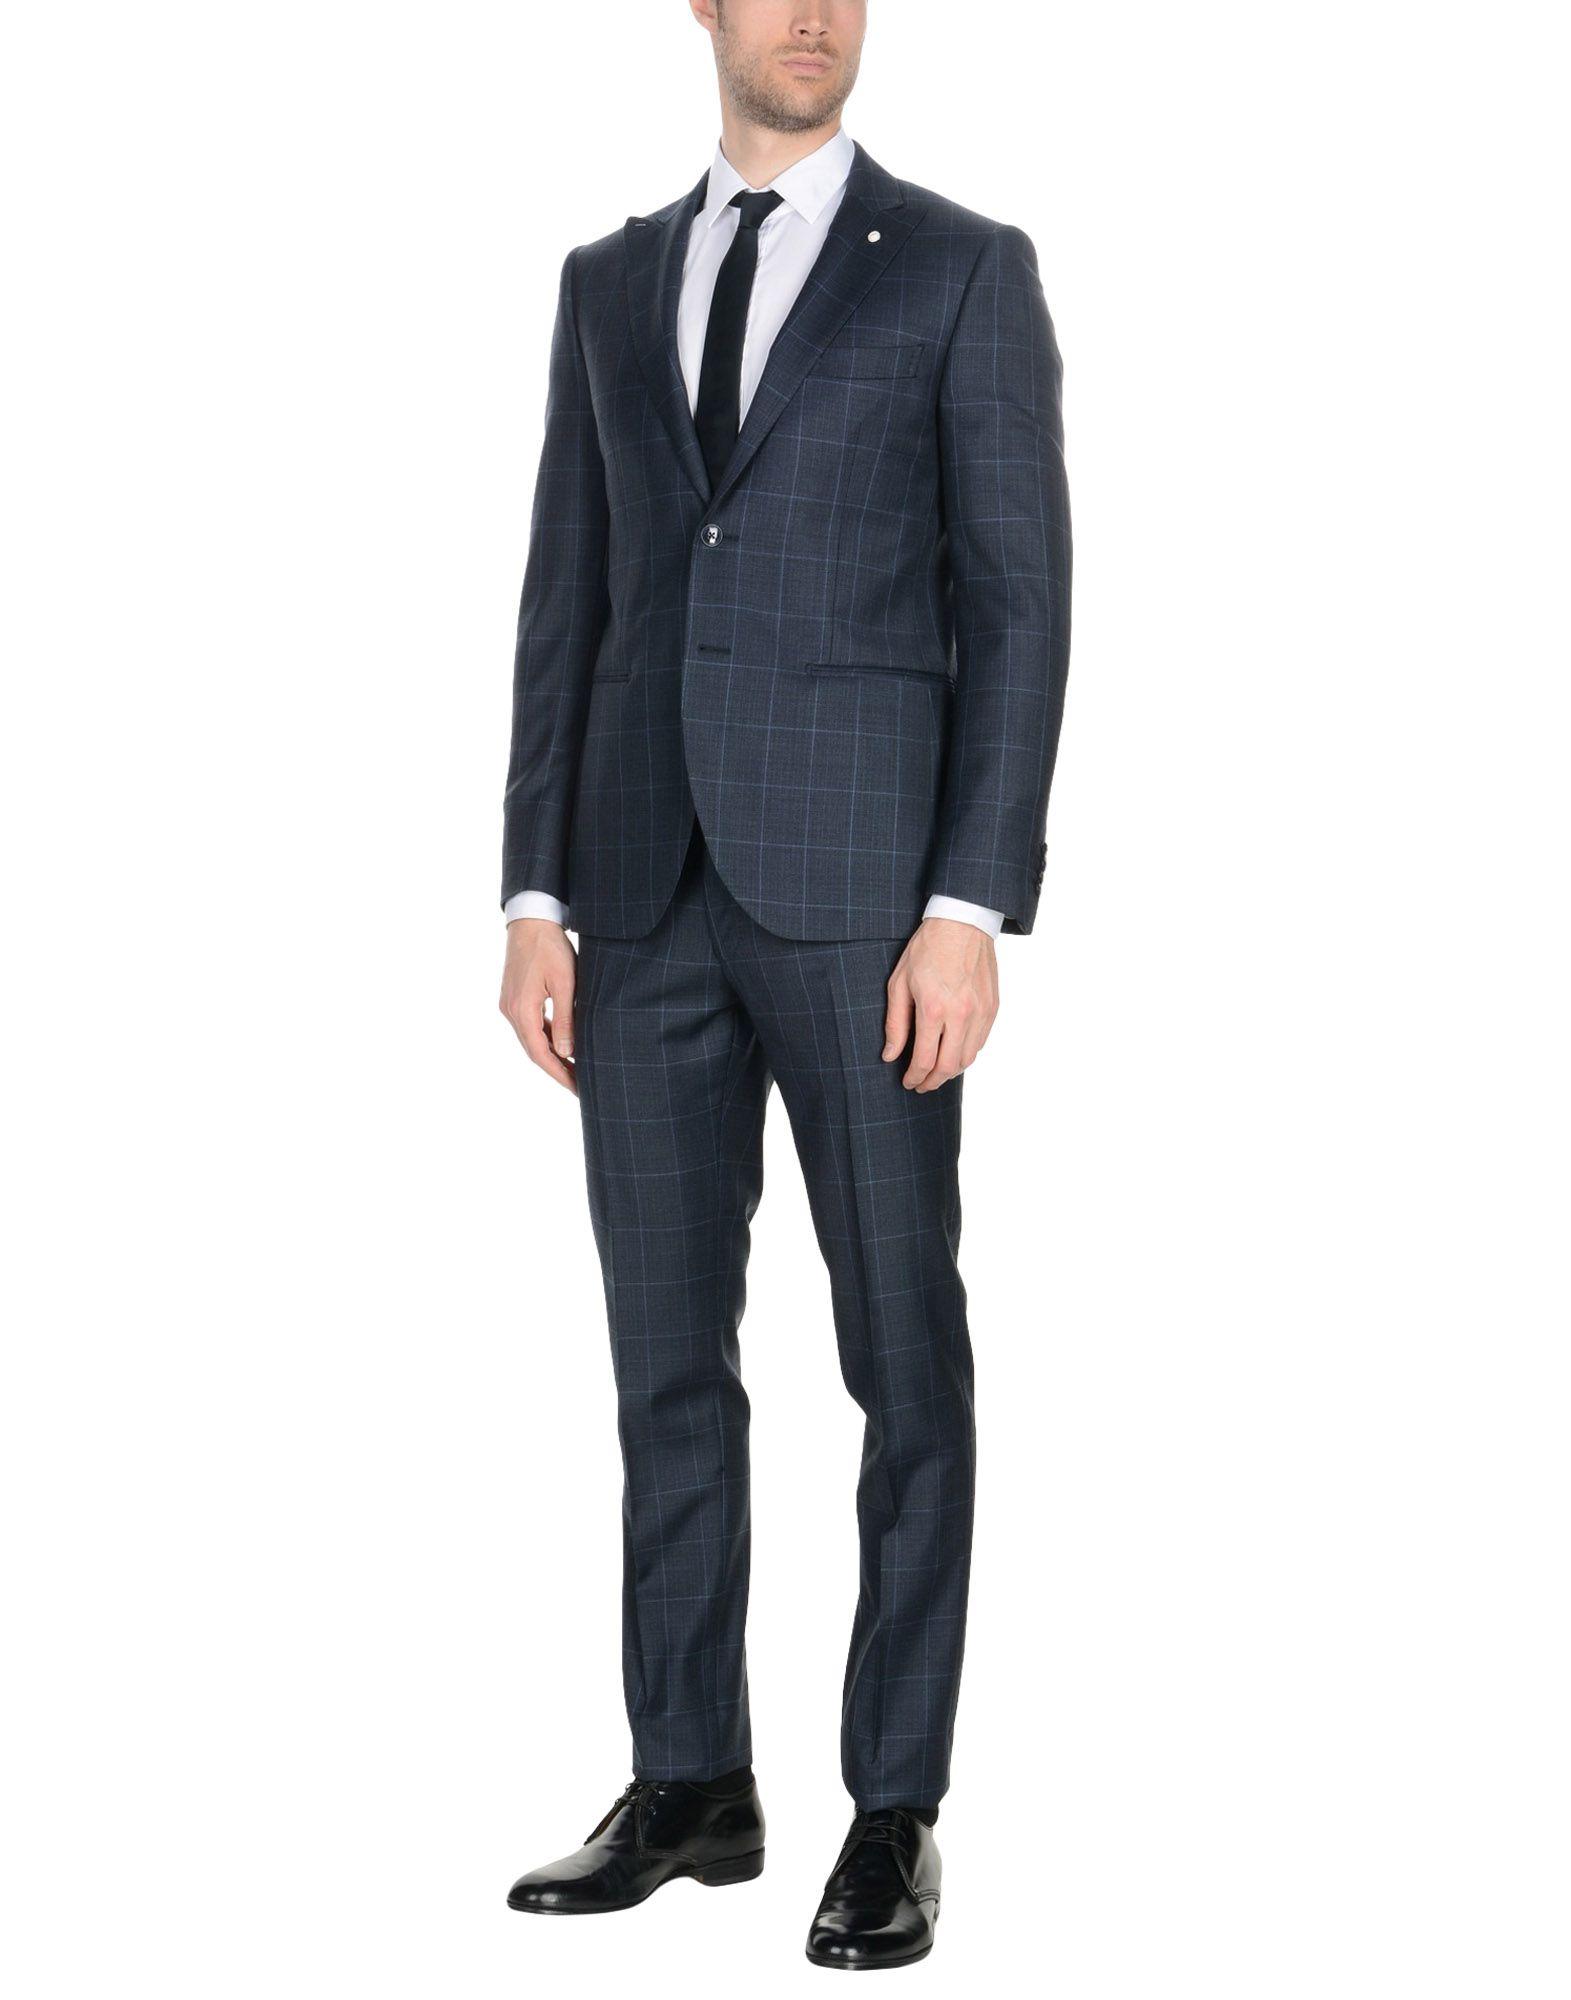 《送料無料》LUIGI BIANCHI Mantova メンズ スーツ ダークブルー 50 スーパー130 ウール 100%